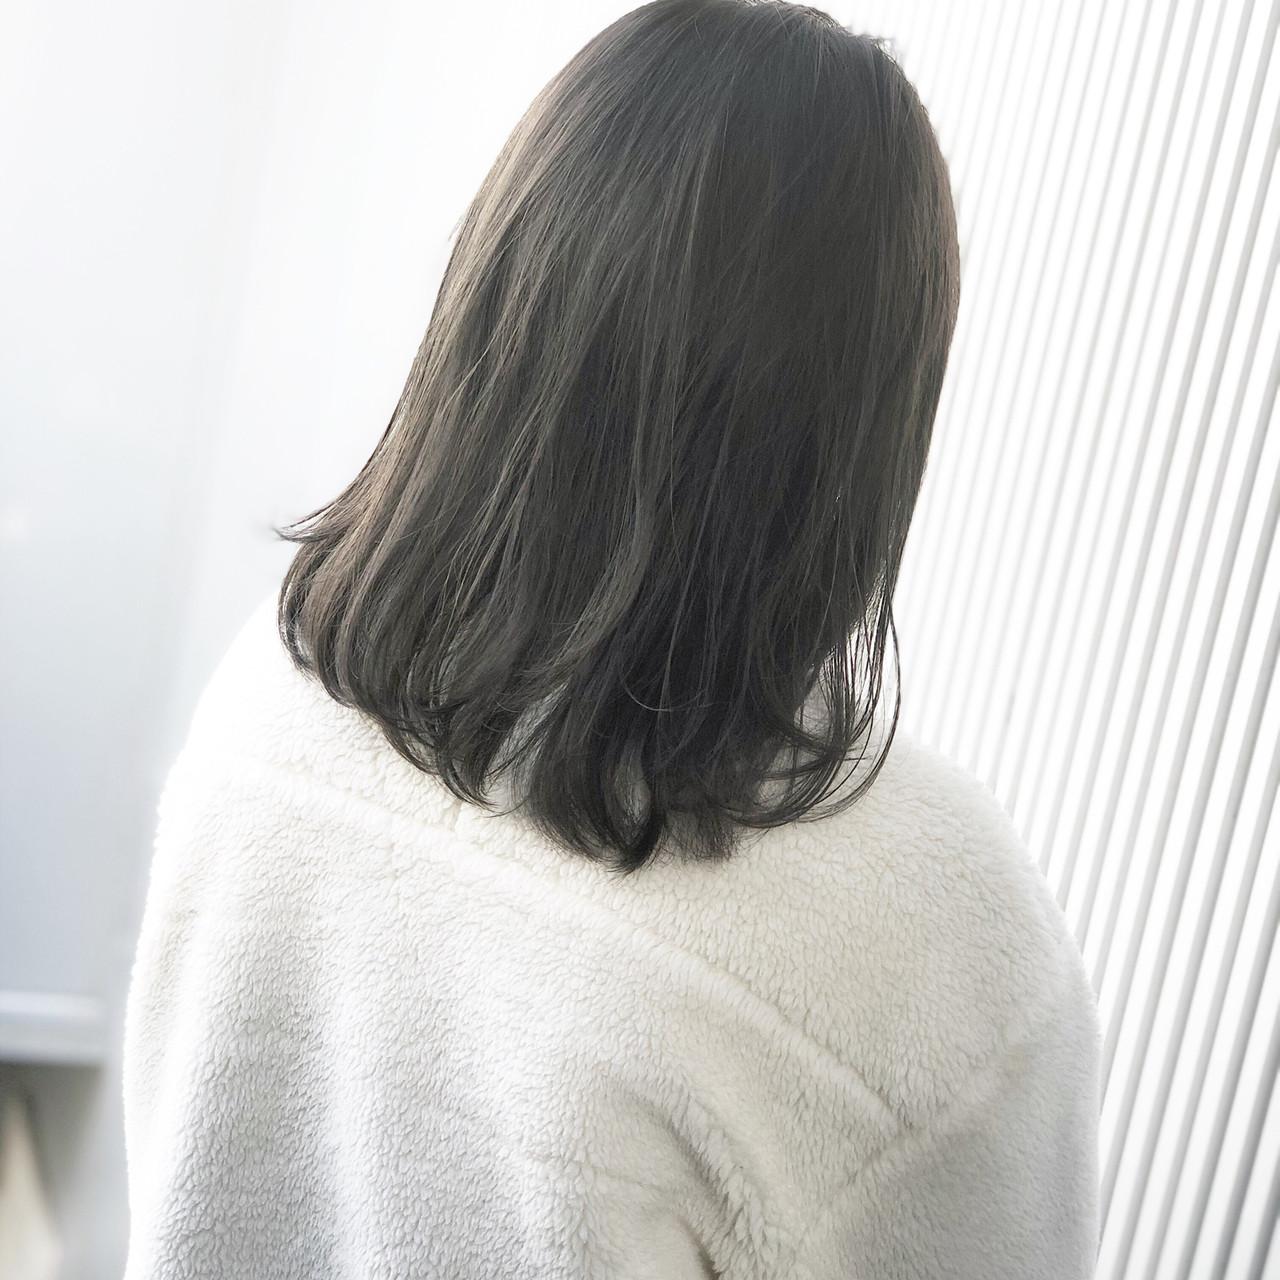 アッシュ ナチュラル グレージュ ミディアム ヘアスタイルや髪型の写真・画像